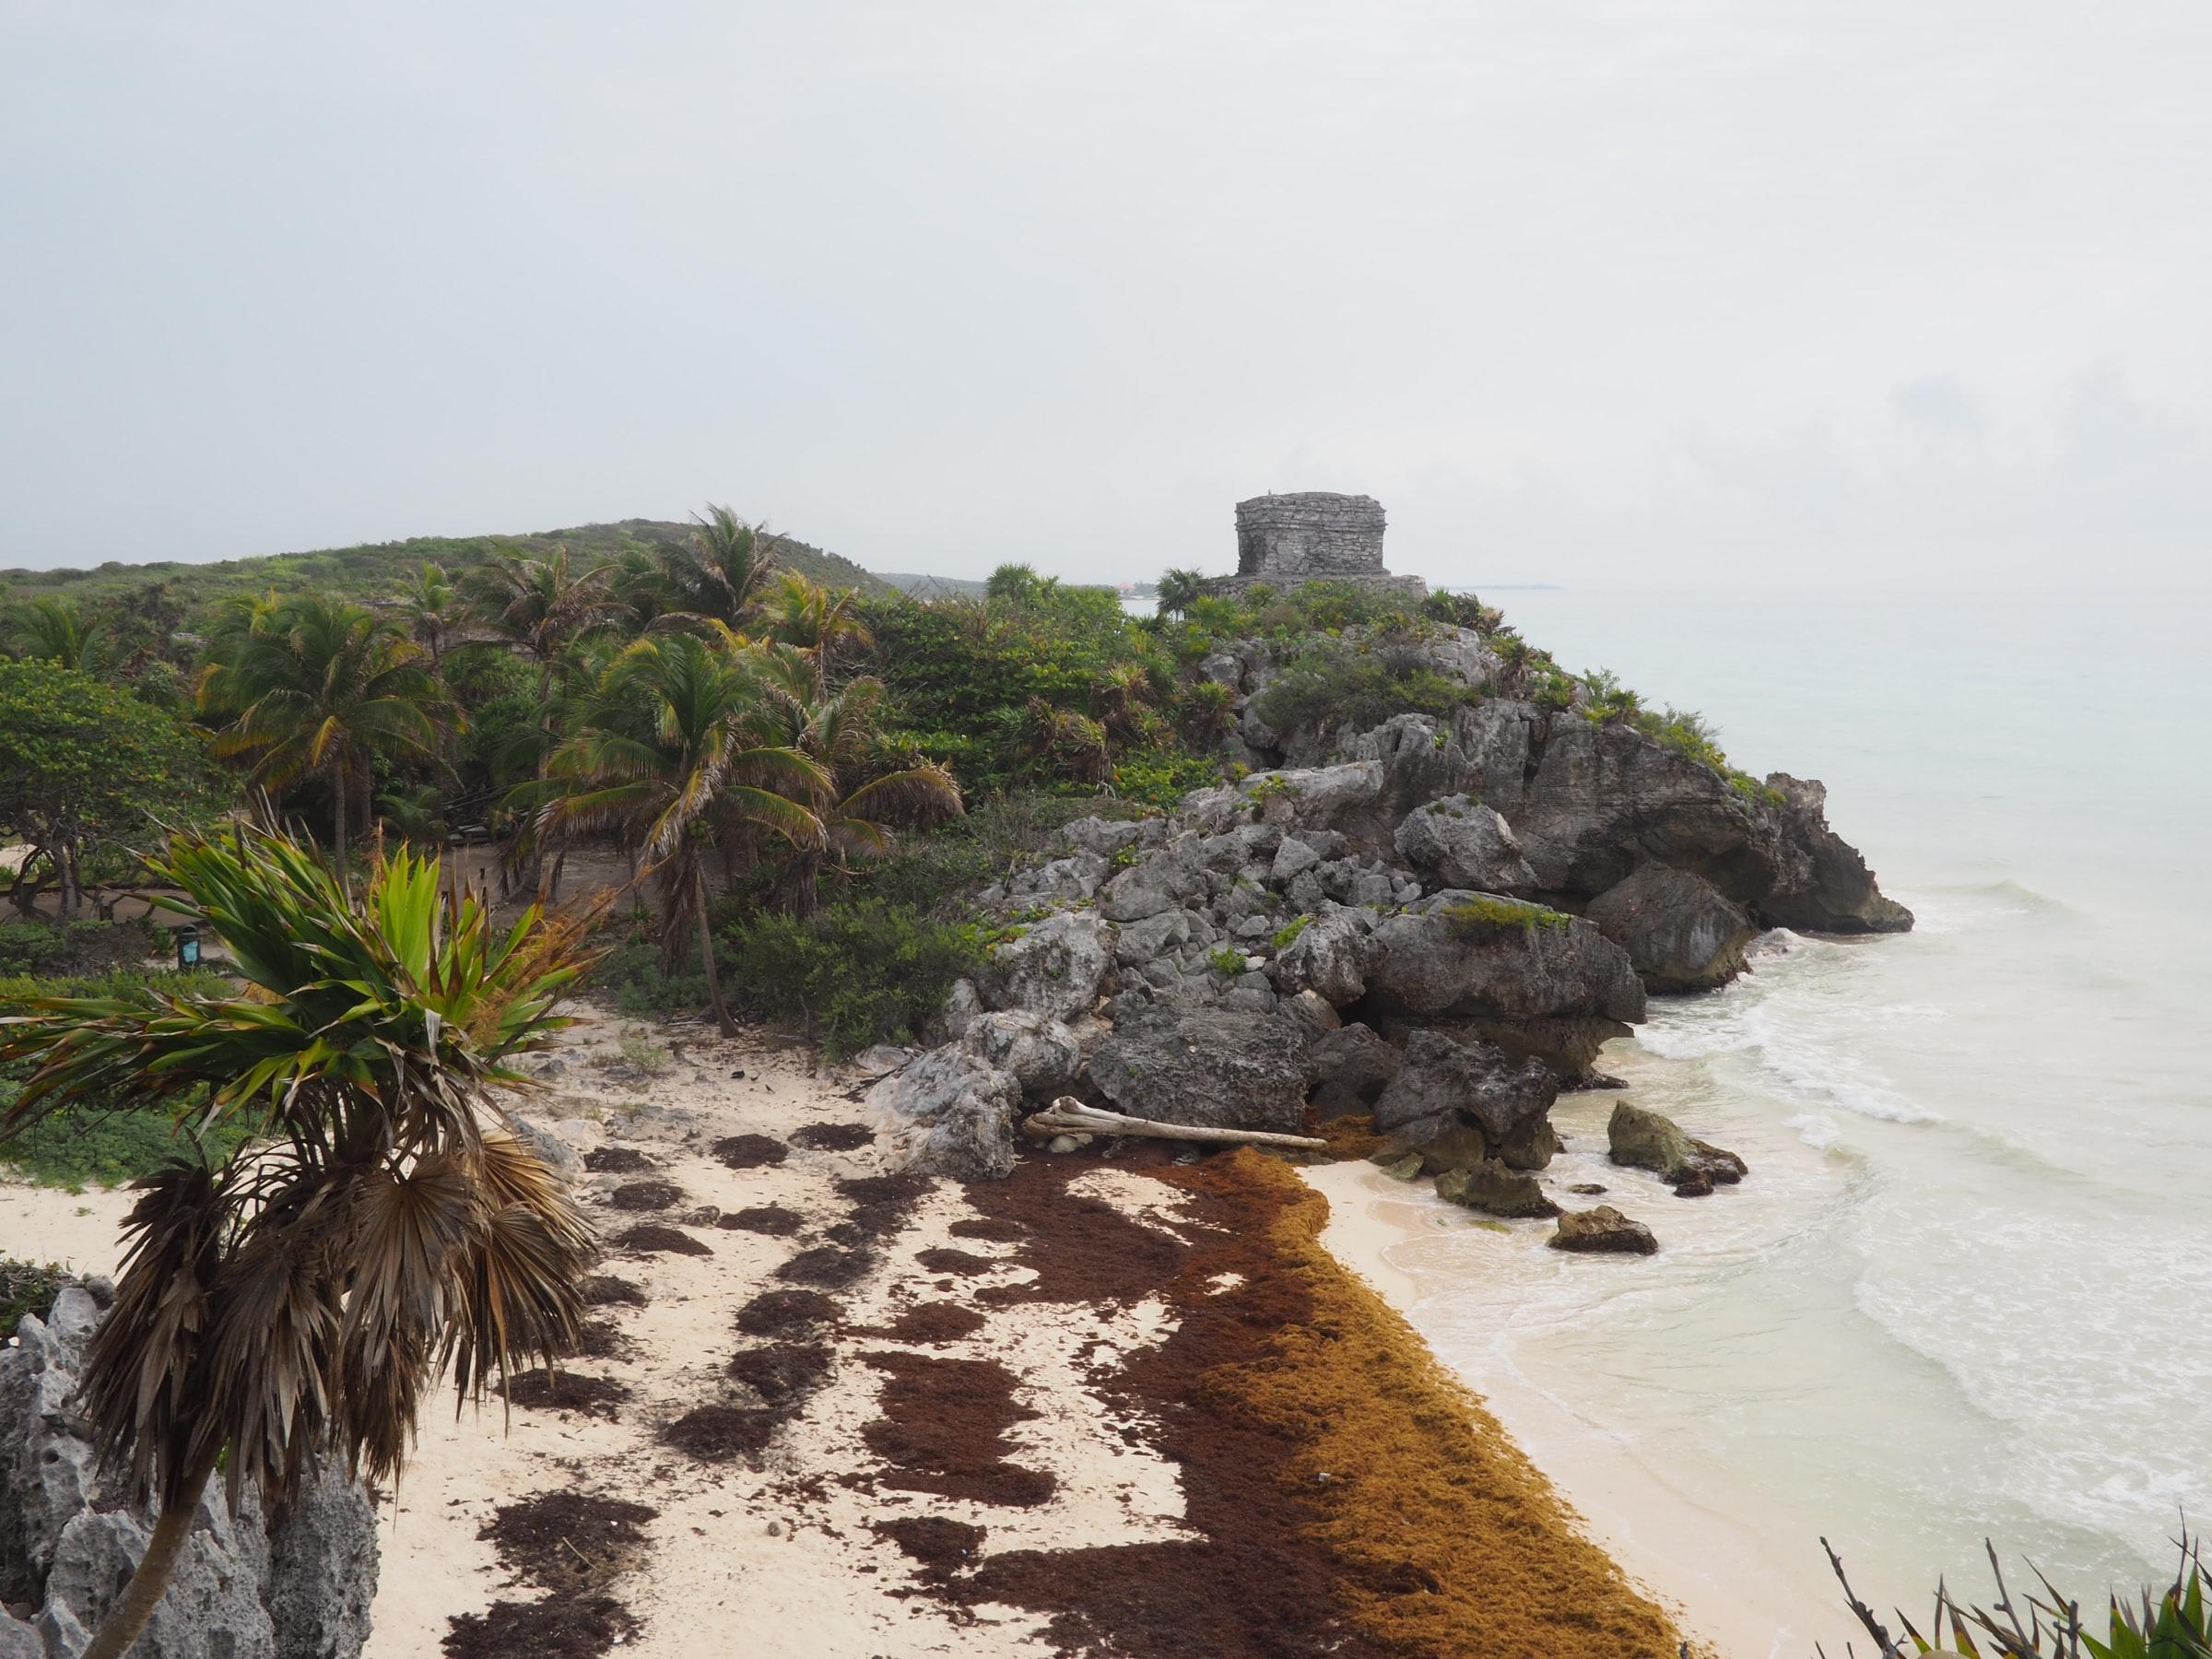 Karibikküste - Strand und Felsen